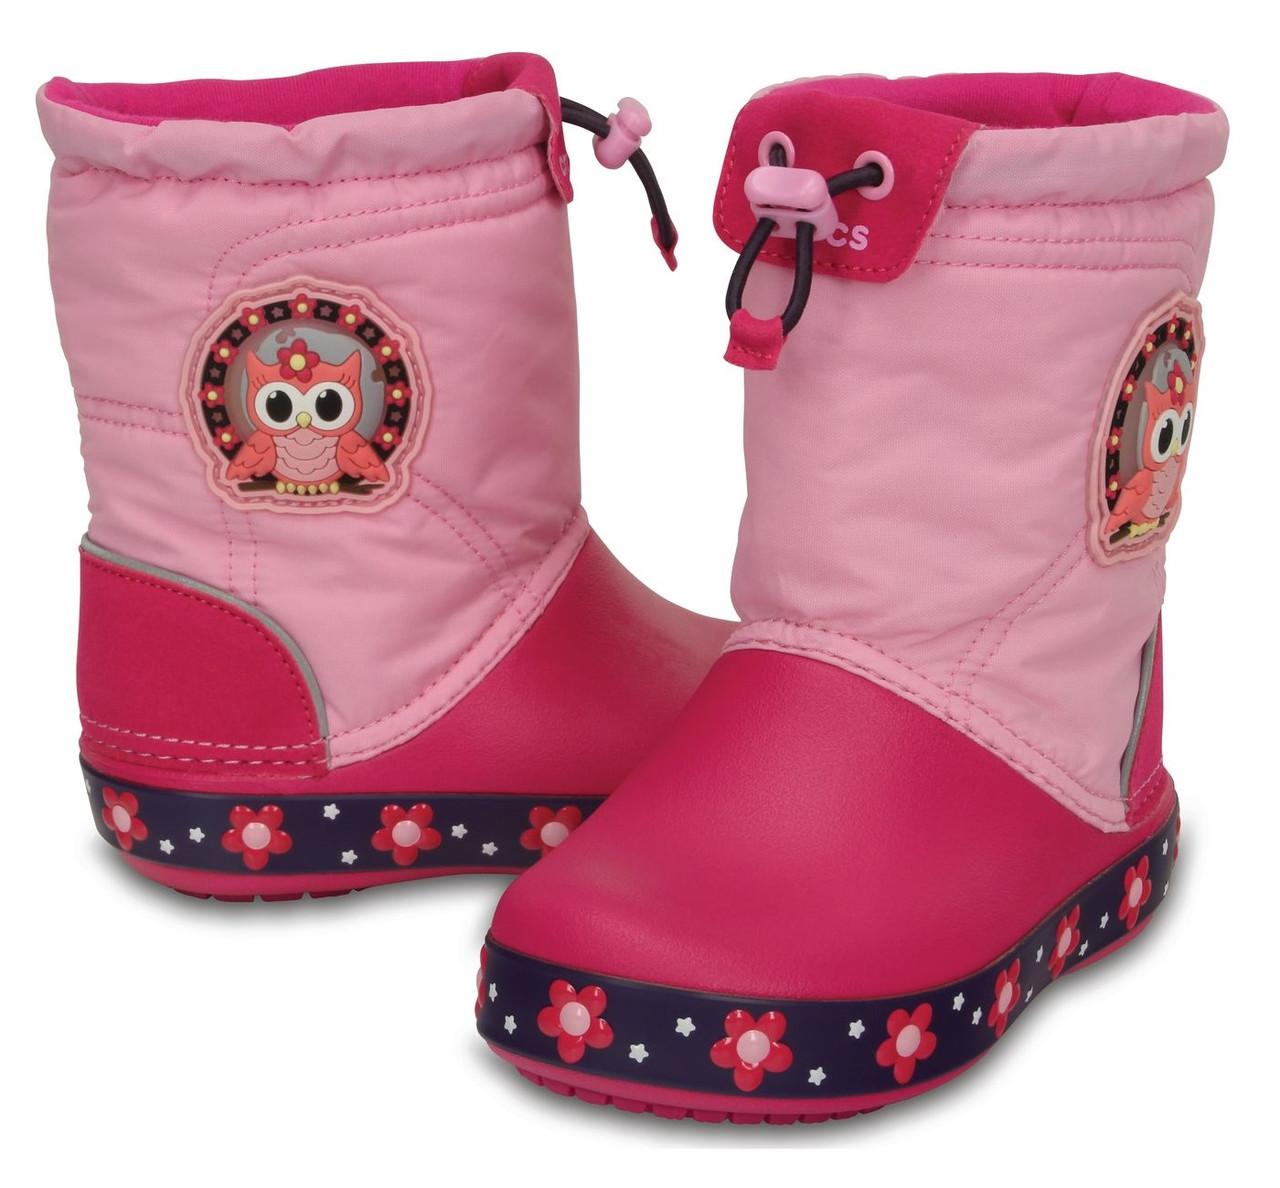 Сапоги зимние для девочки Crocs Kids CrocsLights LodgePoint Night Owl Boot / непромокаемые светящиеся Сова